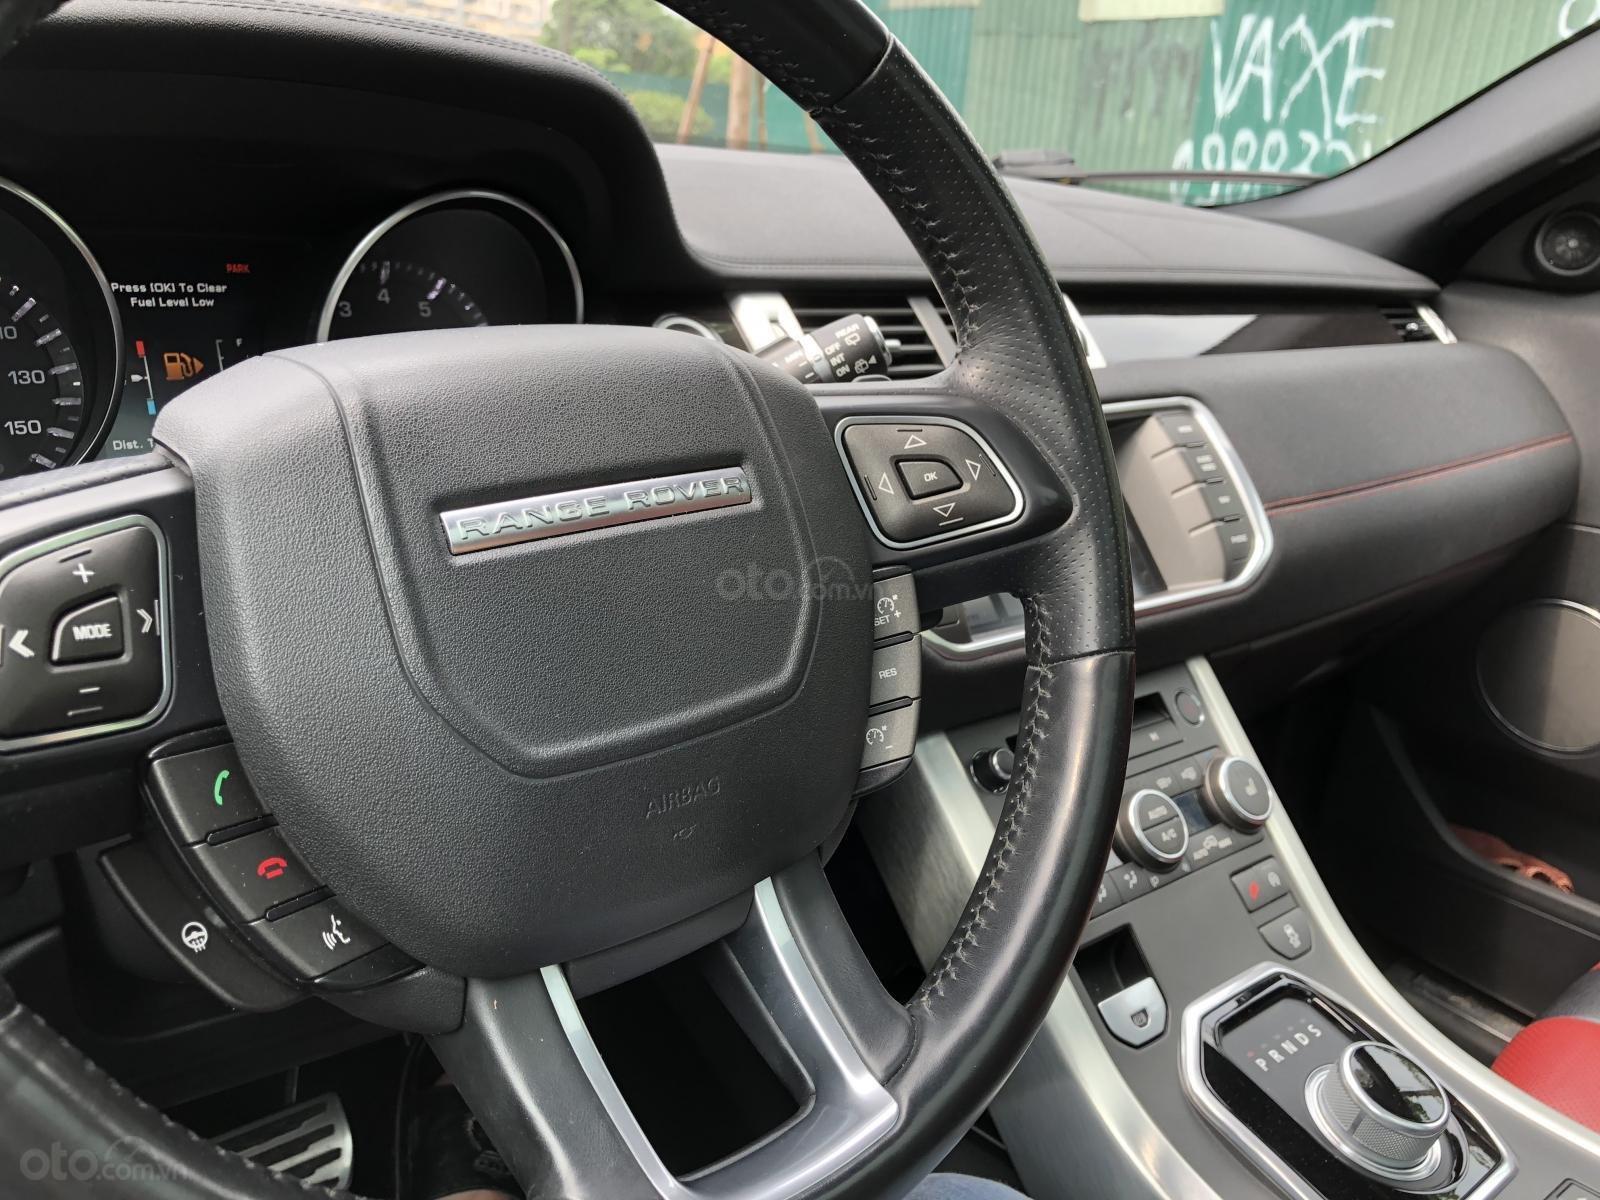 Bán ô tô LandRover Range Rover Evoque năm sản xuất 2014, màu đen, nhập khẩu nguyên chiếc số tự động (11)